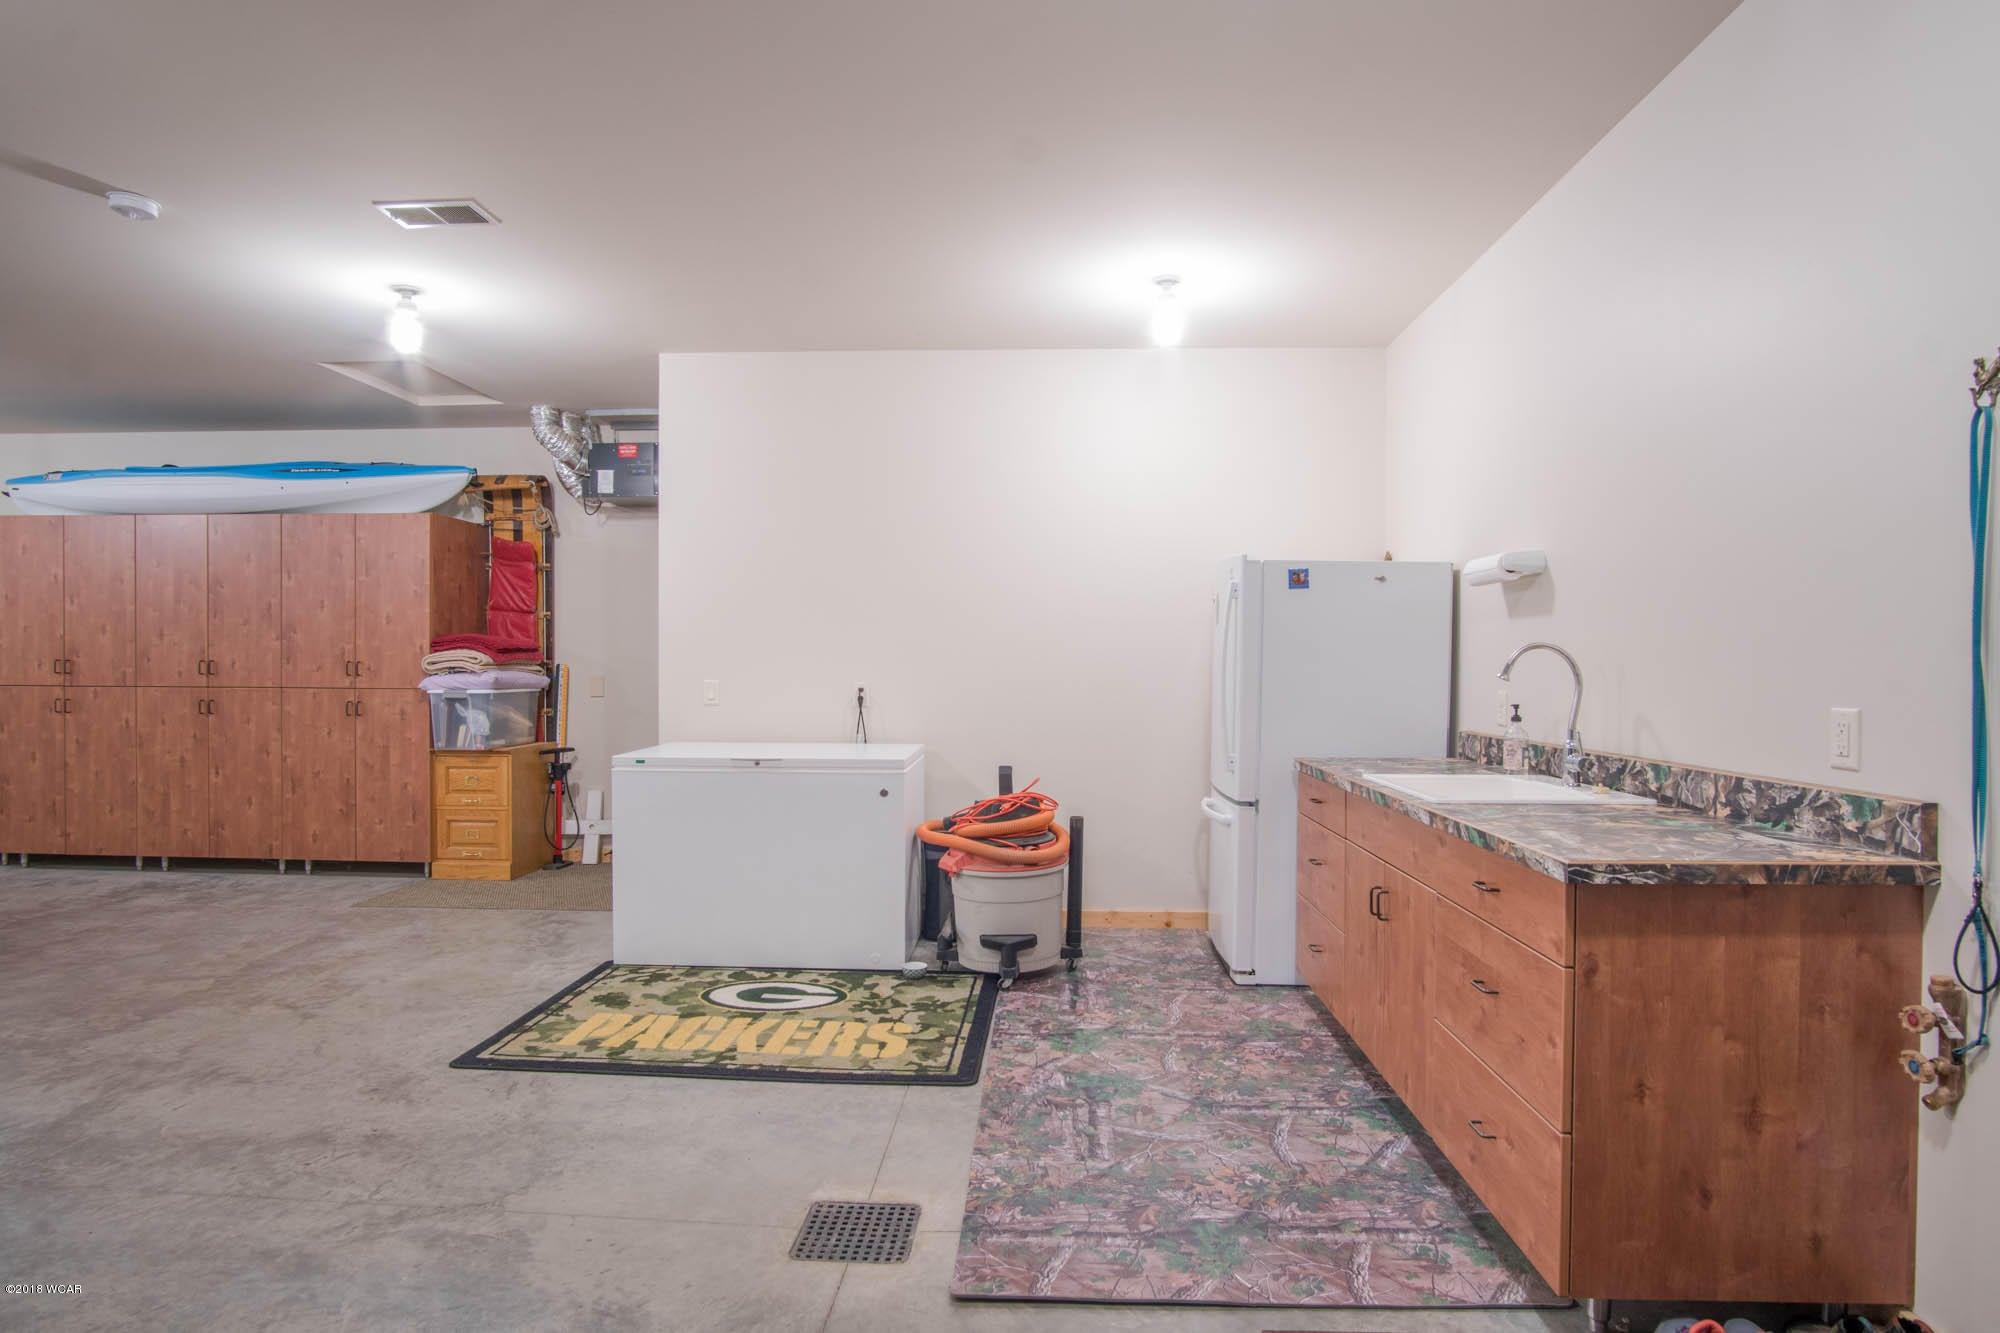 4001 279th Avenue,Belgrade,3 Bedrooms Bedrooms,3 BathroomsBathrooms,Single Family,279th Avenue,6031202